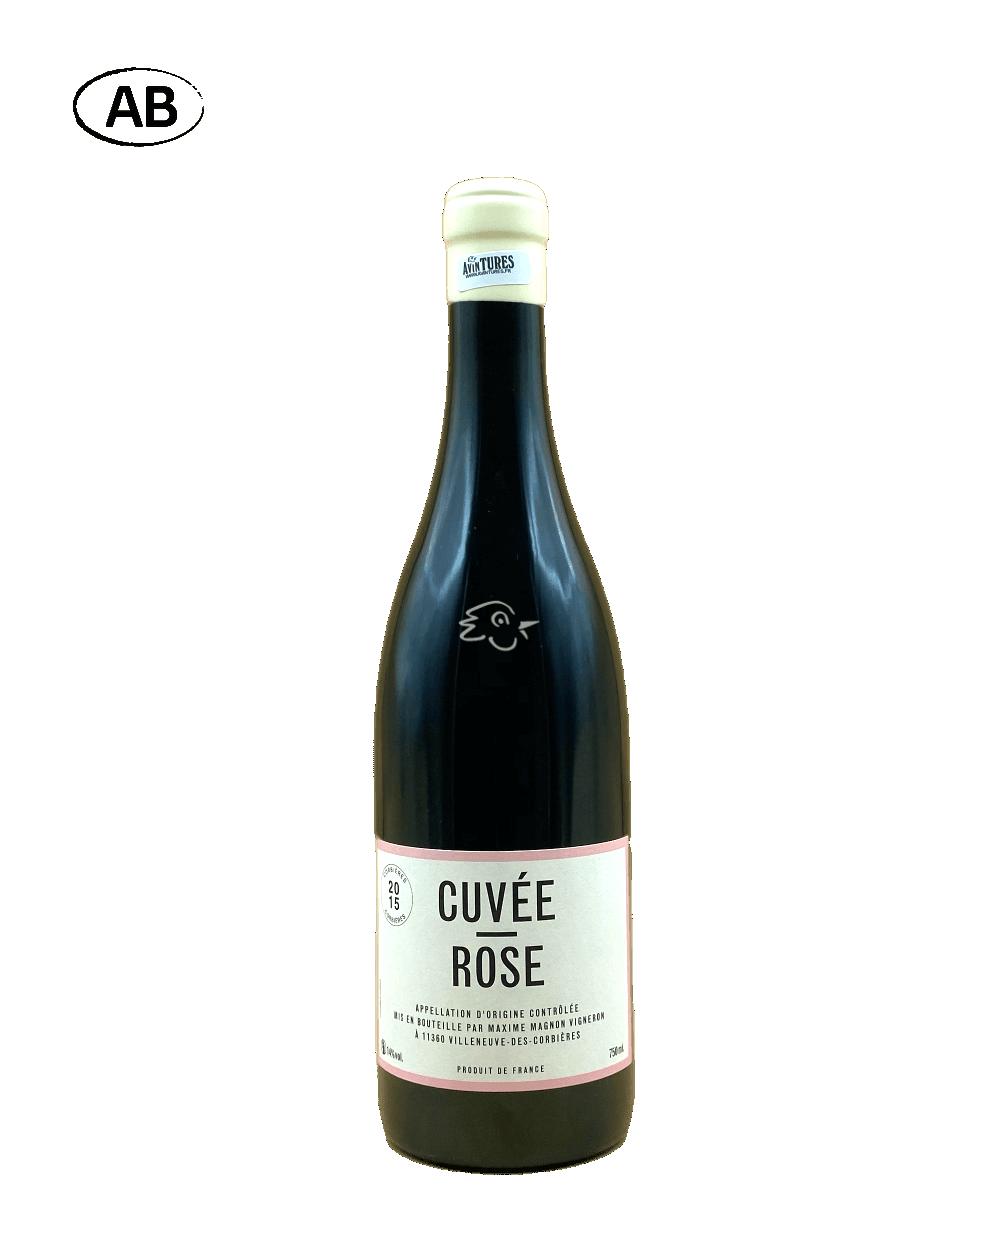 Domaine Maxime Magnon - Cuvée Rose 2015 - Avintures